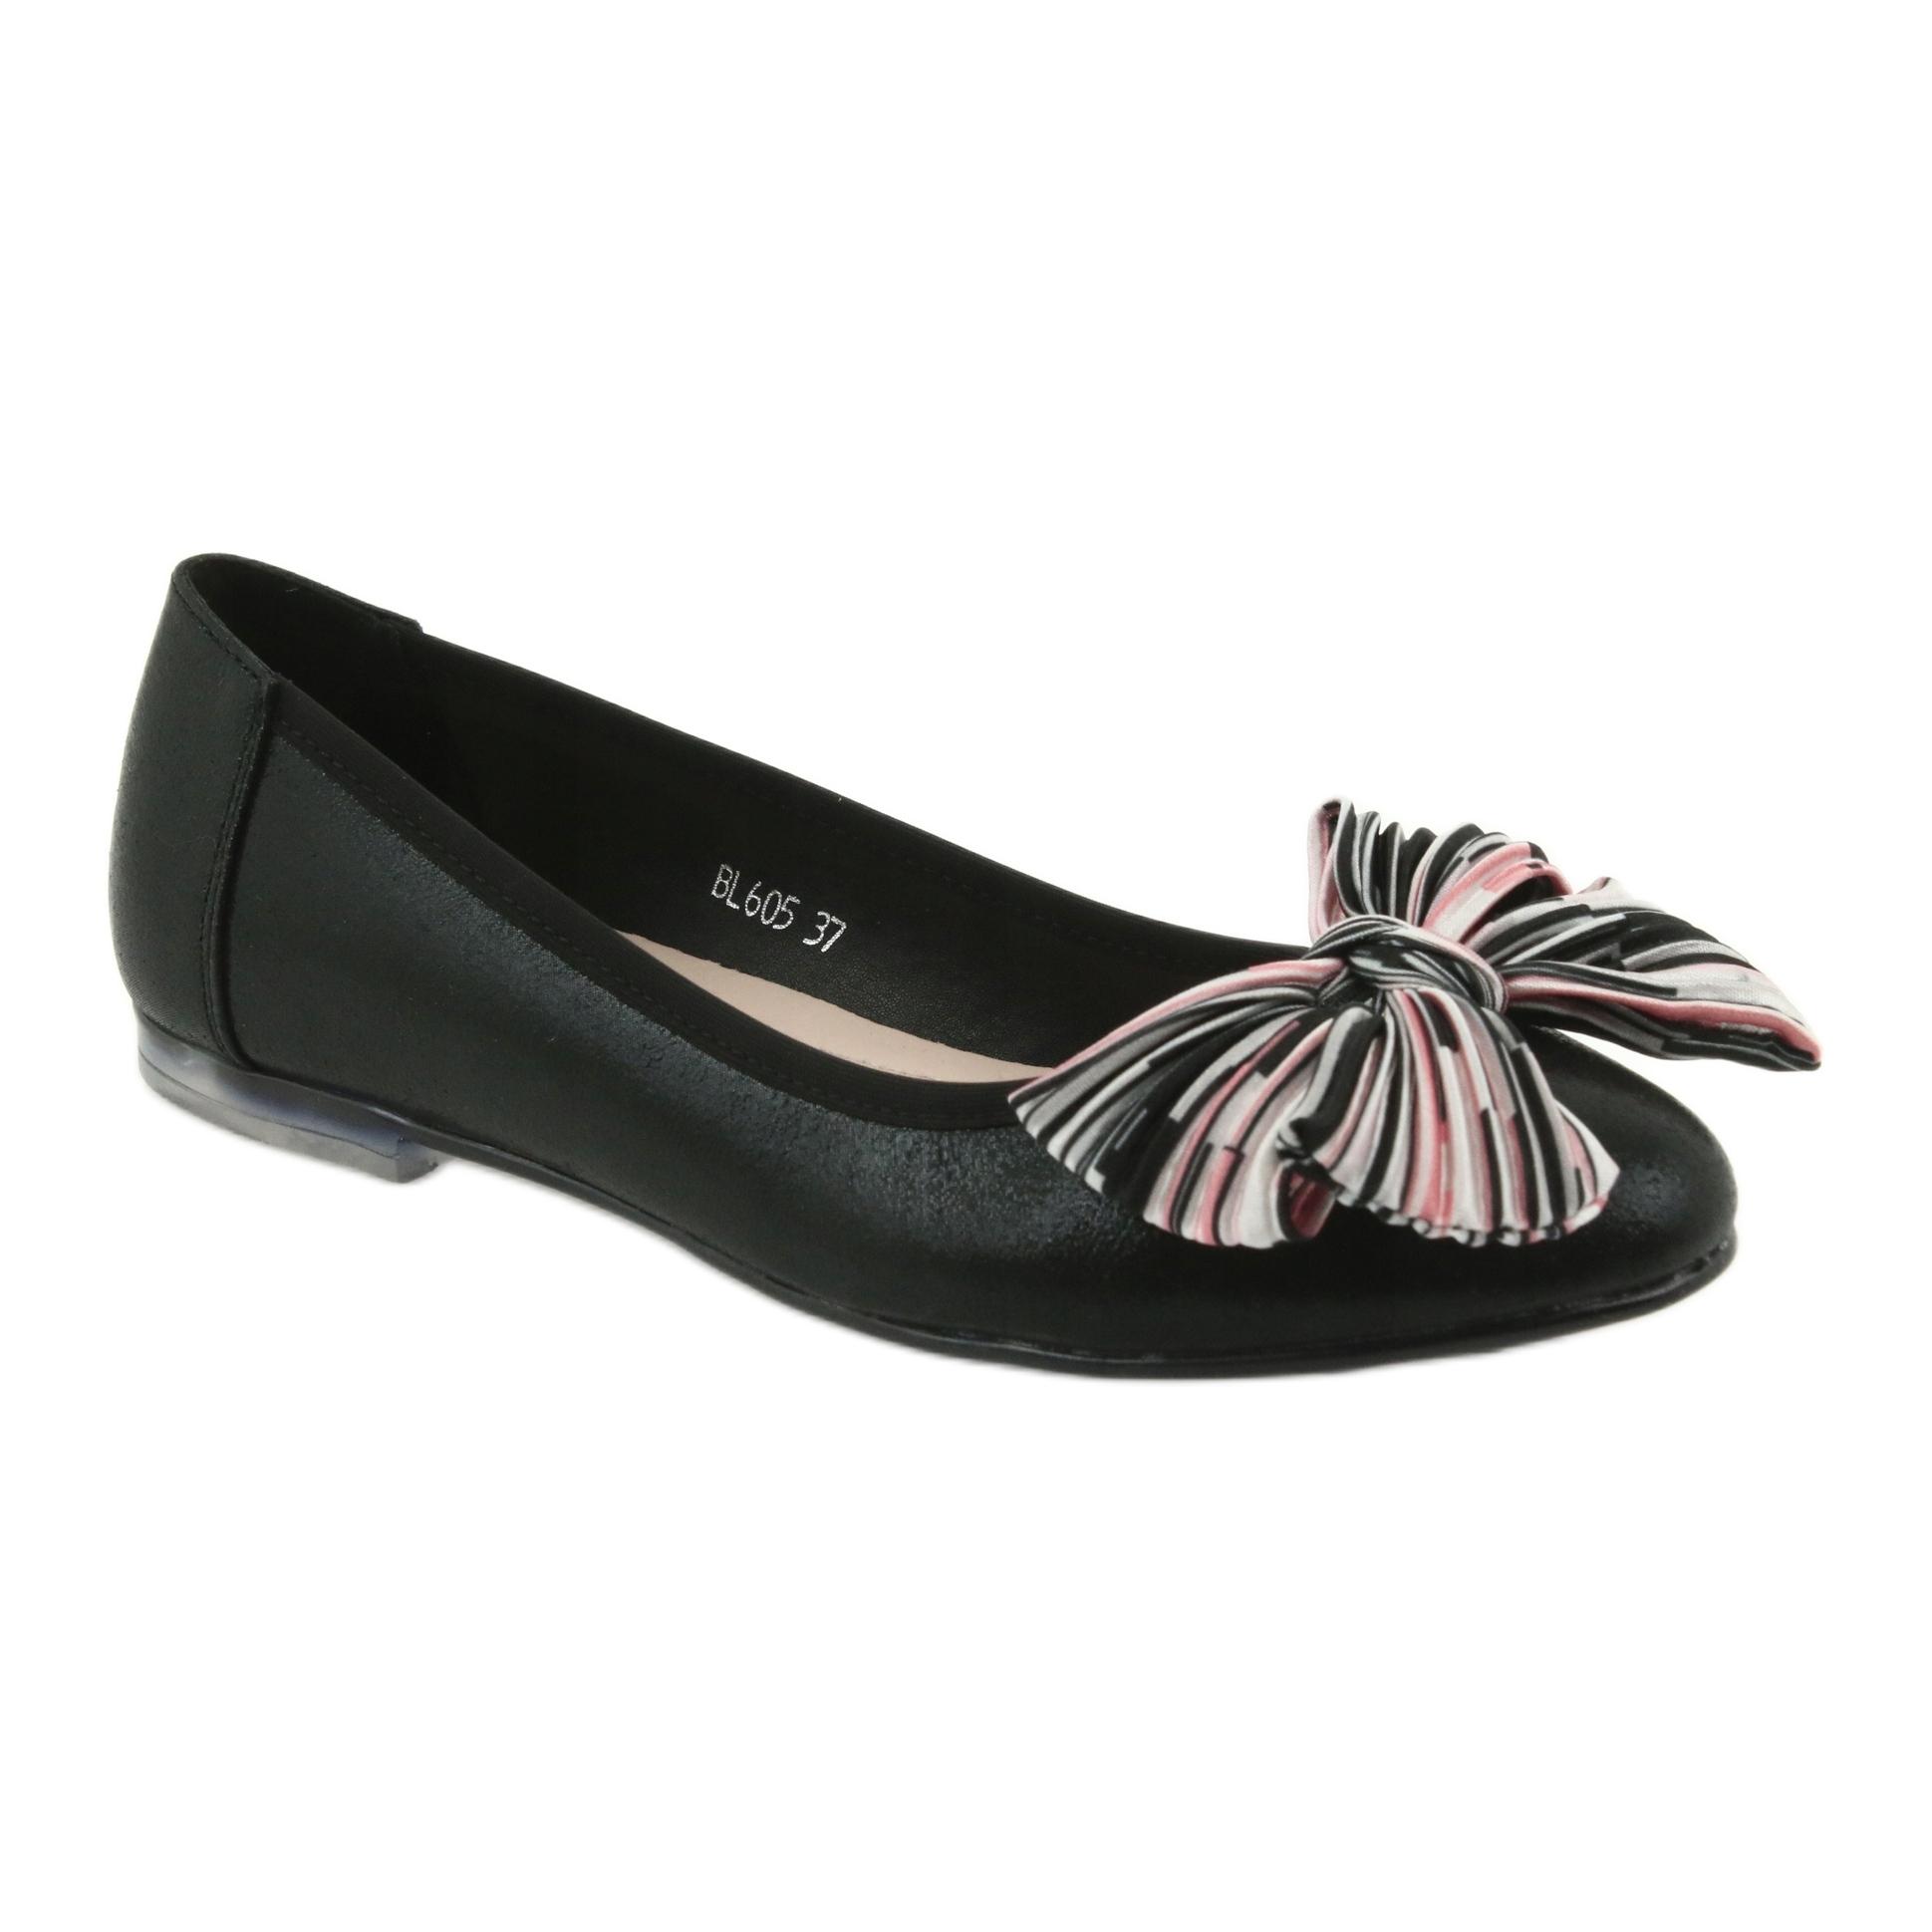 b1fd3dce7c8a71 Czarne Baleriny buty damskie z kokardą Sergio Leone 605 - ButyModne.pl